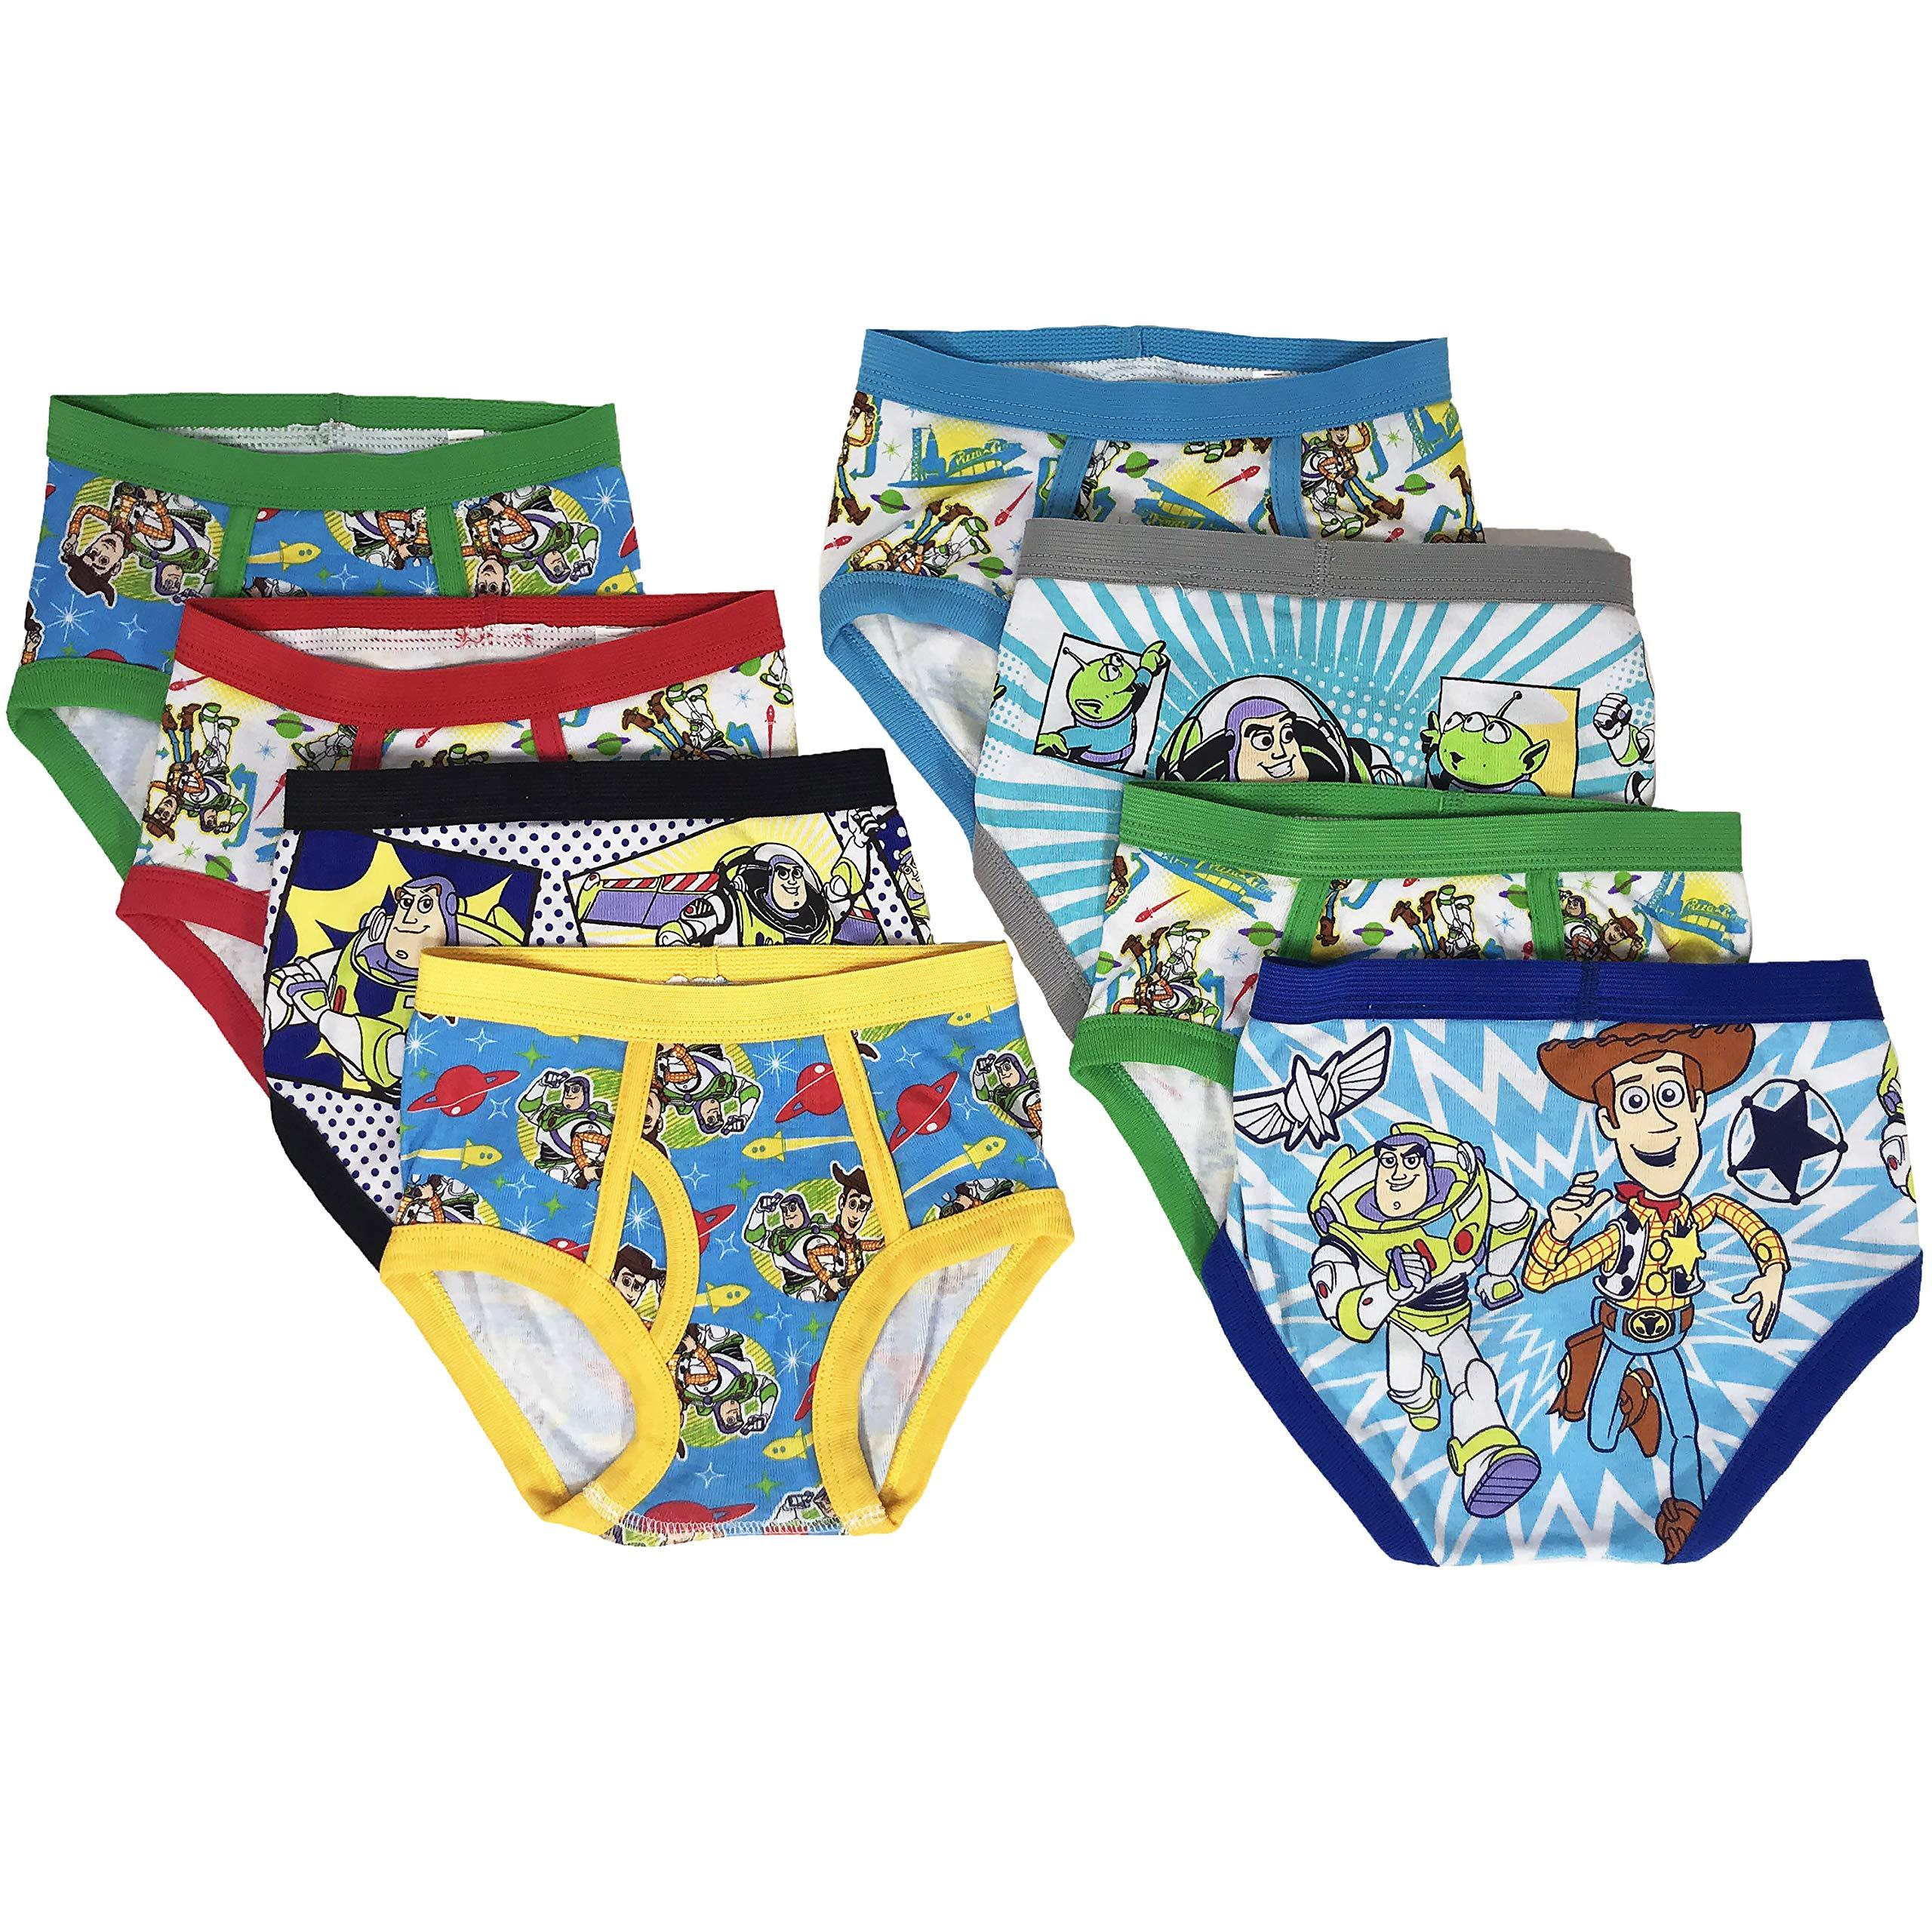 Toy Story Boys Kids Underwear - 8-Pack Toddler/Little Kid/Big Kid Size Briefs Woody Buzz Lightyear